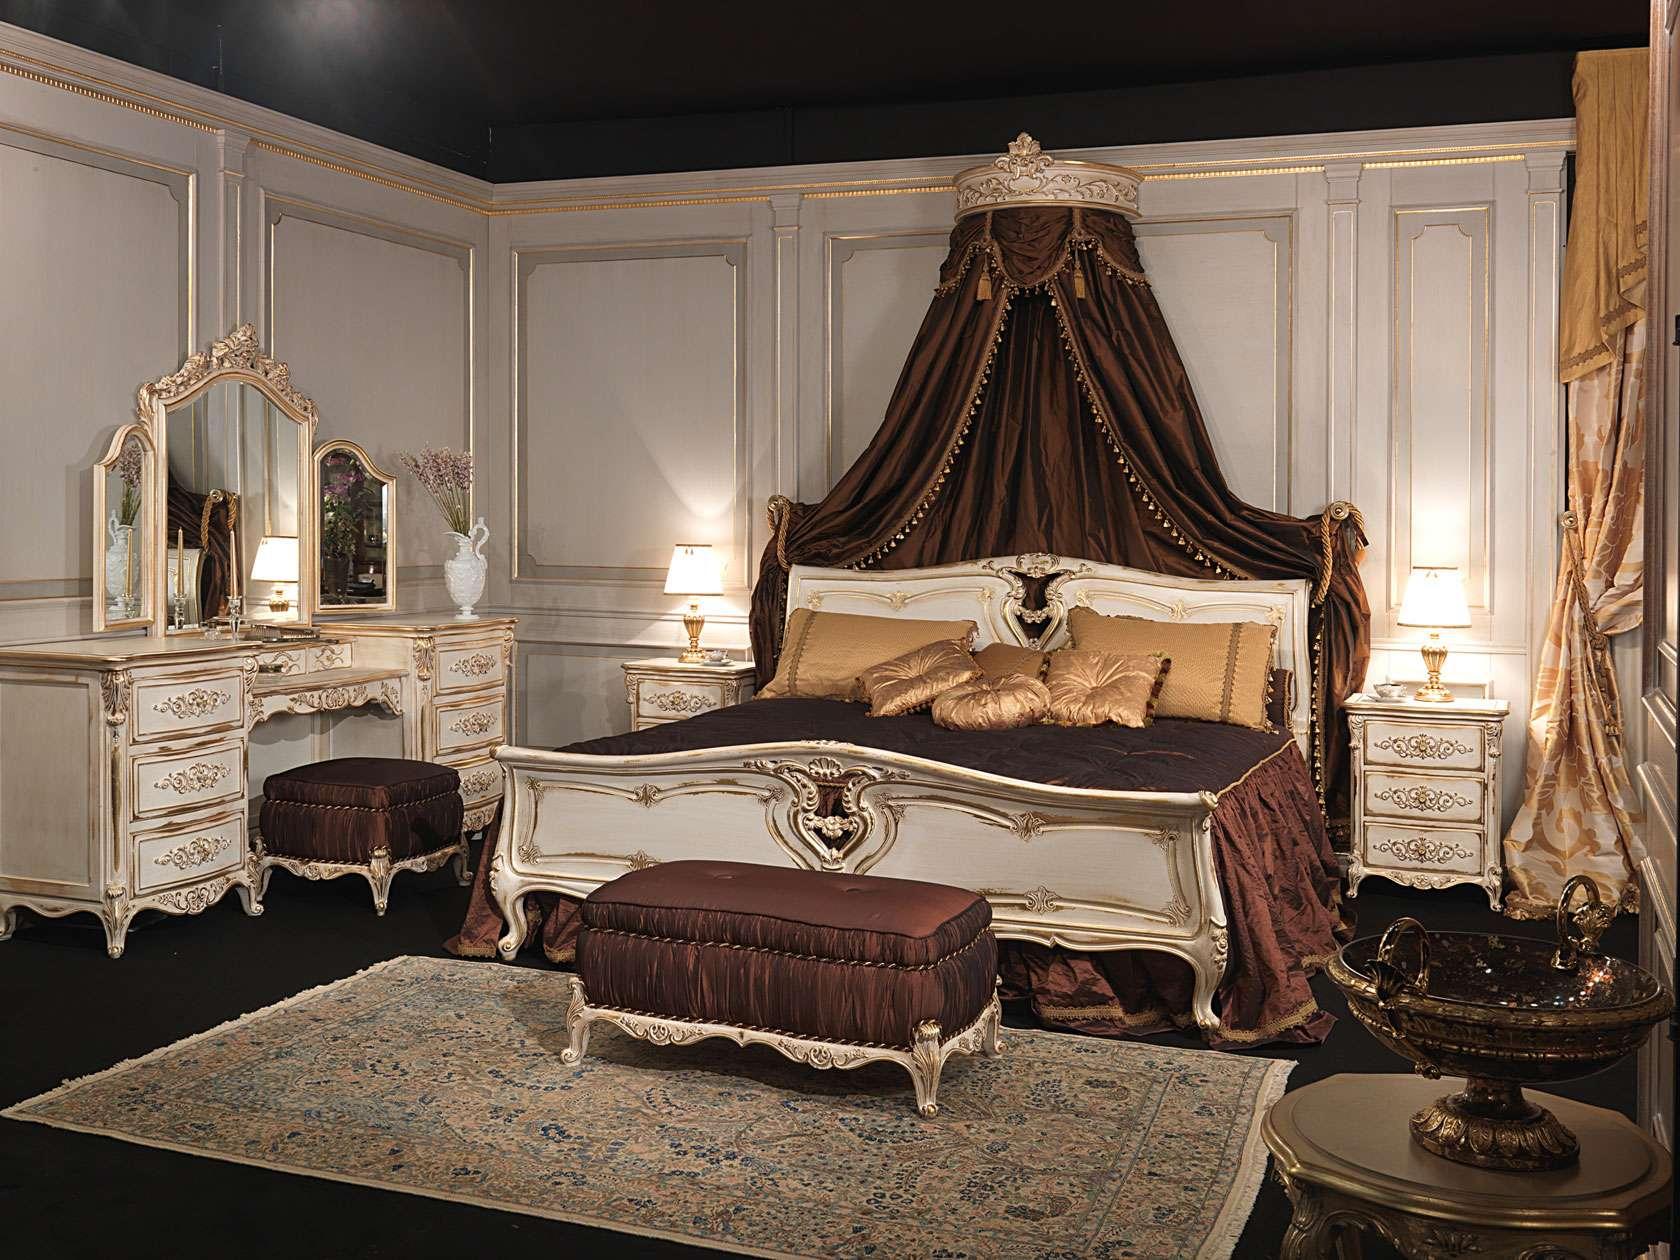 Camere Con Letto A Baldacchino : Camera da letto classica in stile luigi xvi letto in legno